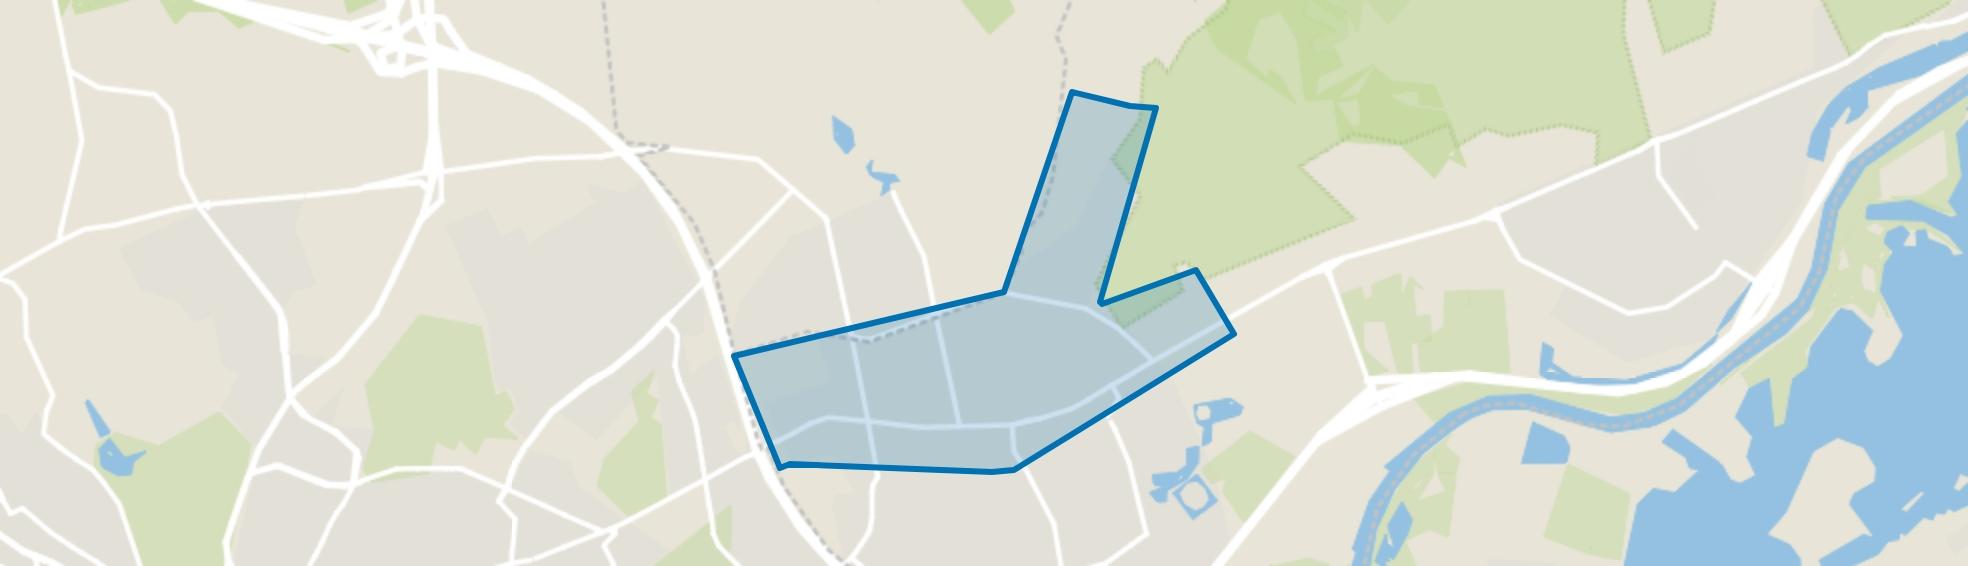 Velp-Noord boven spoorlijn, Velp (GE) map